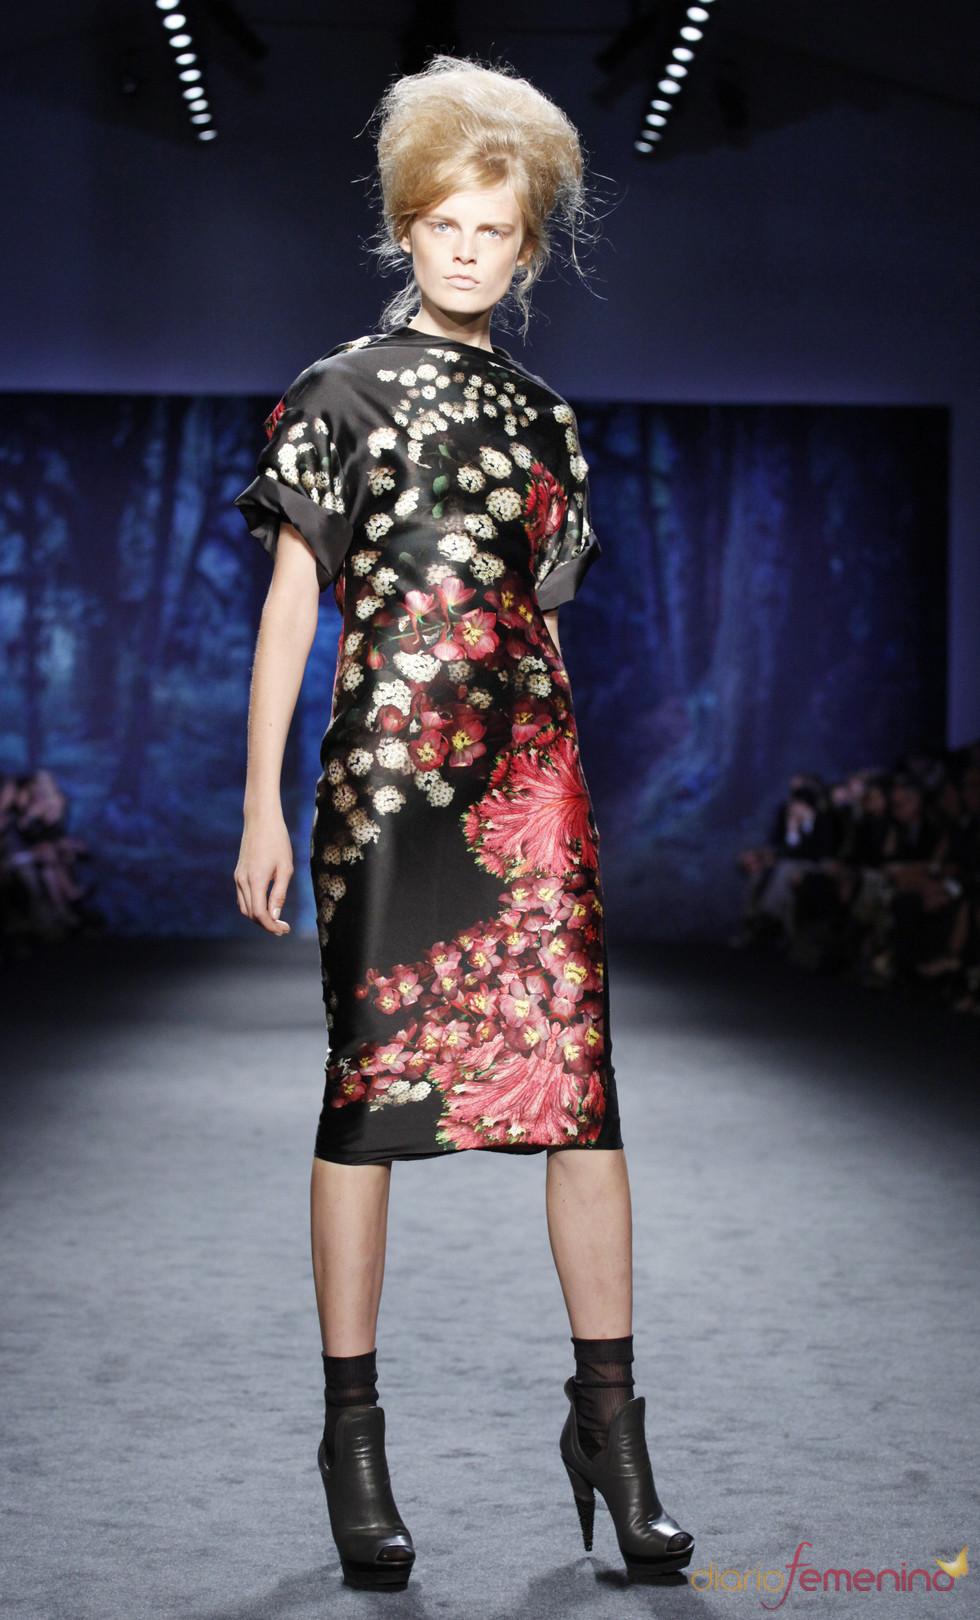 Semana de la Moda de Nueva York: modelo de Vera Wang